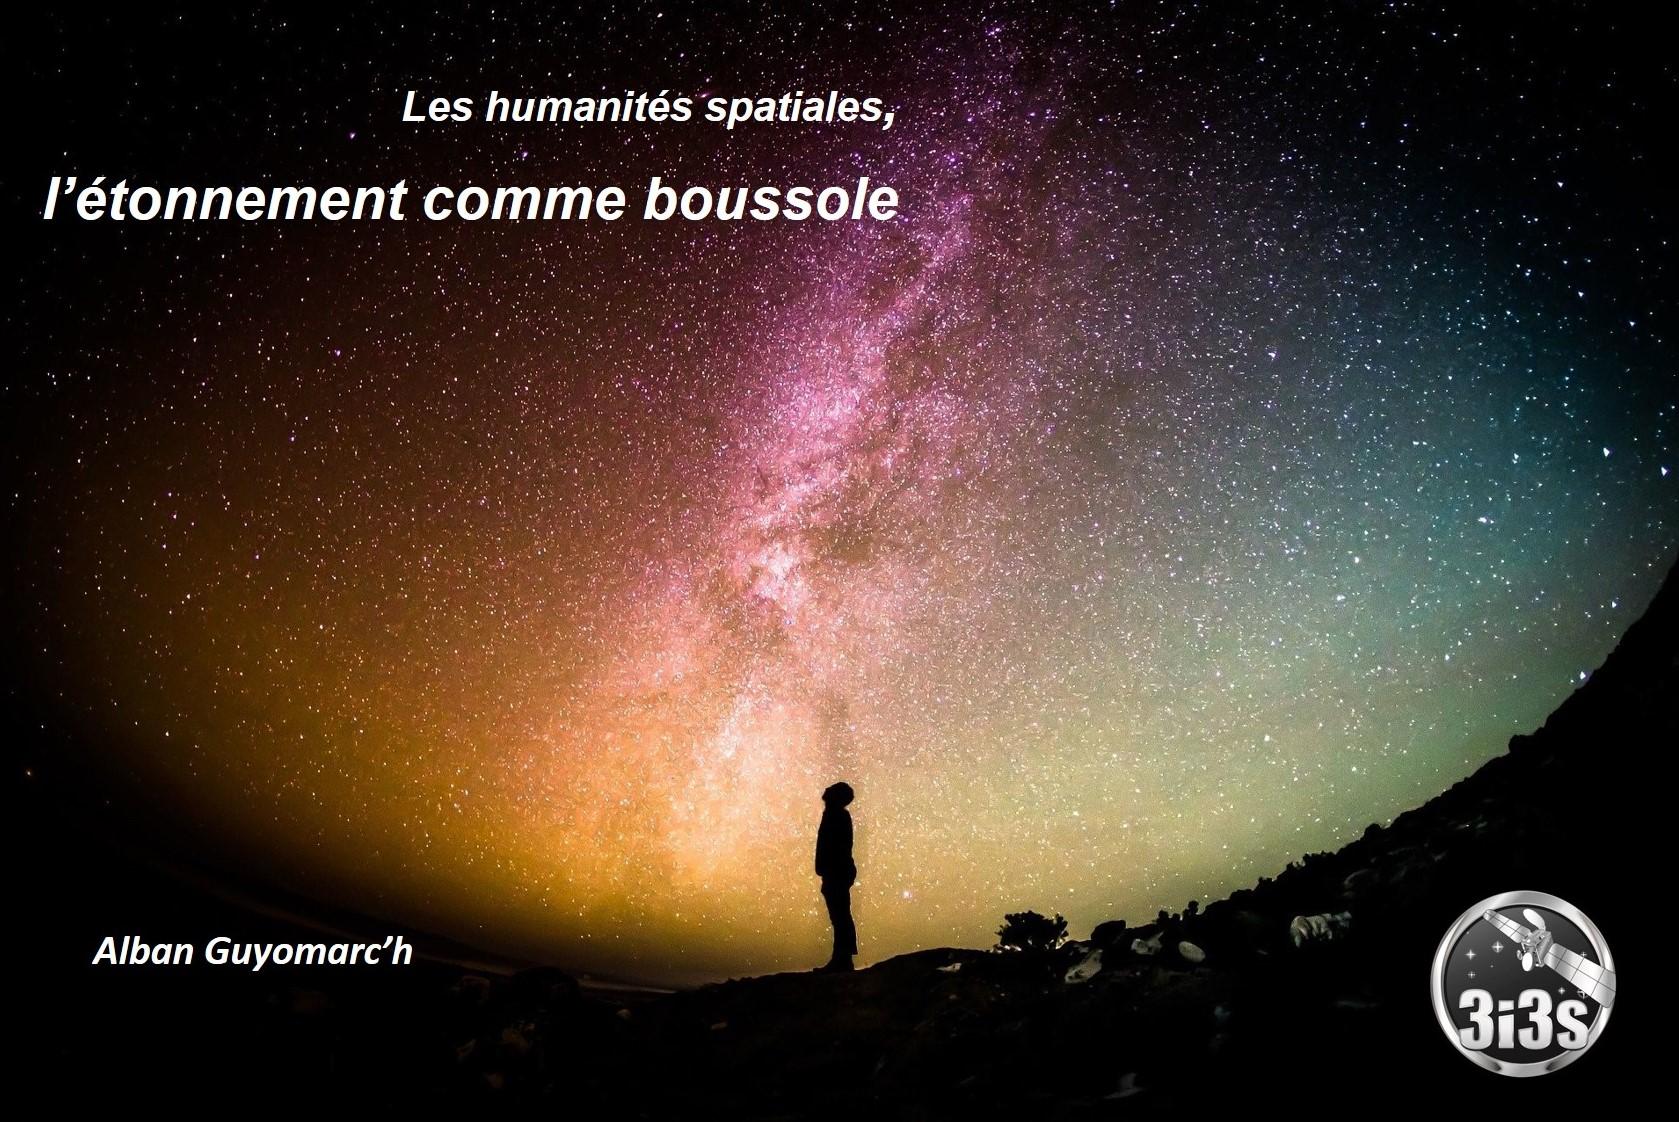 3i3s – Les humanités spatiales, l'étonnement comme boussole par Alban GUYOMARC'H